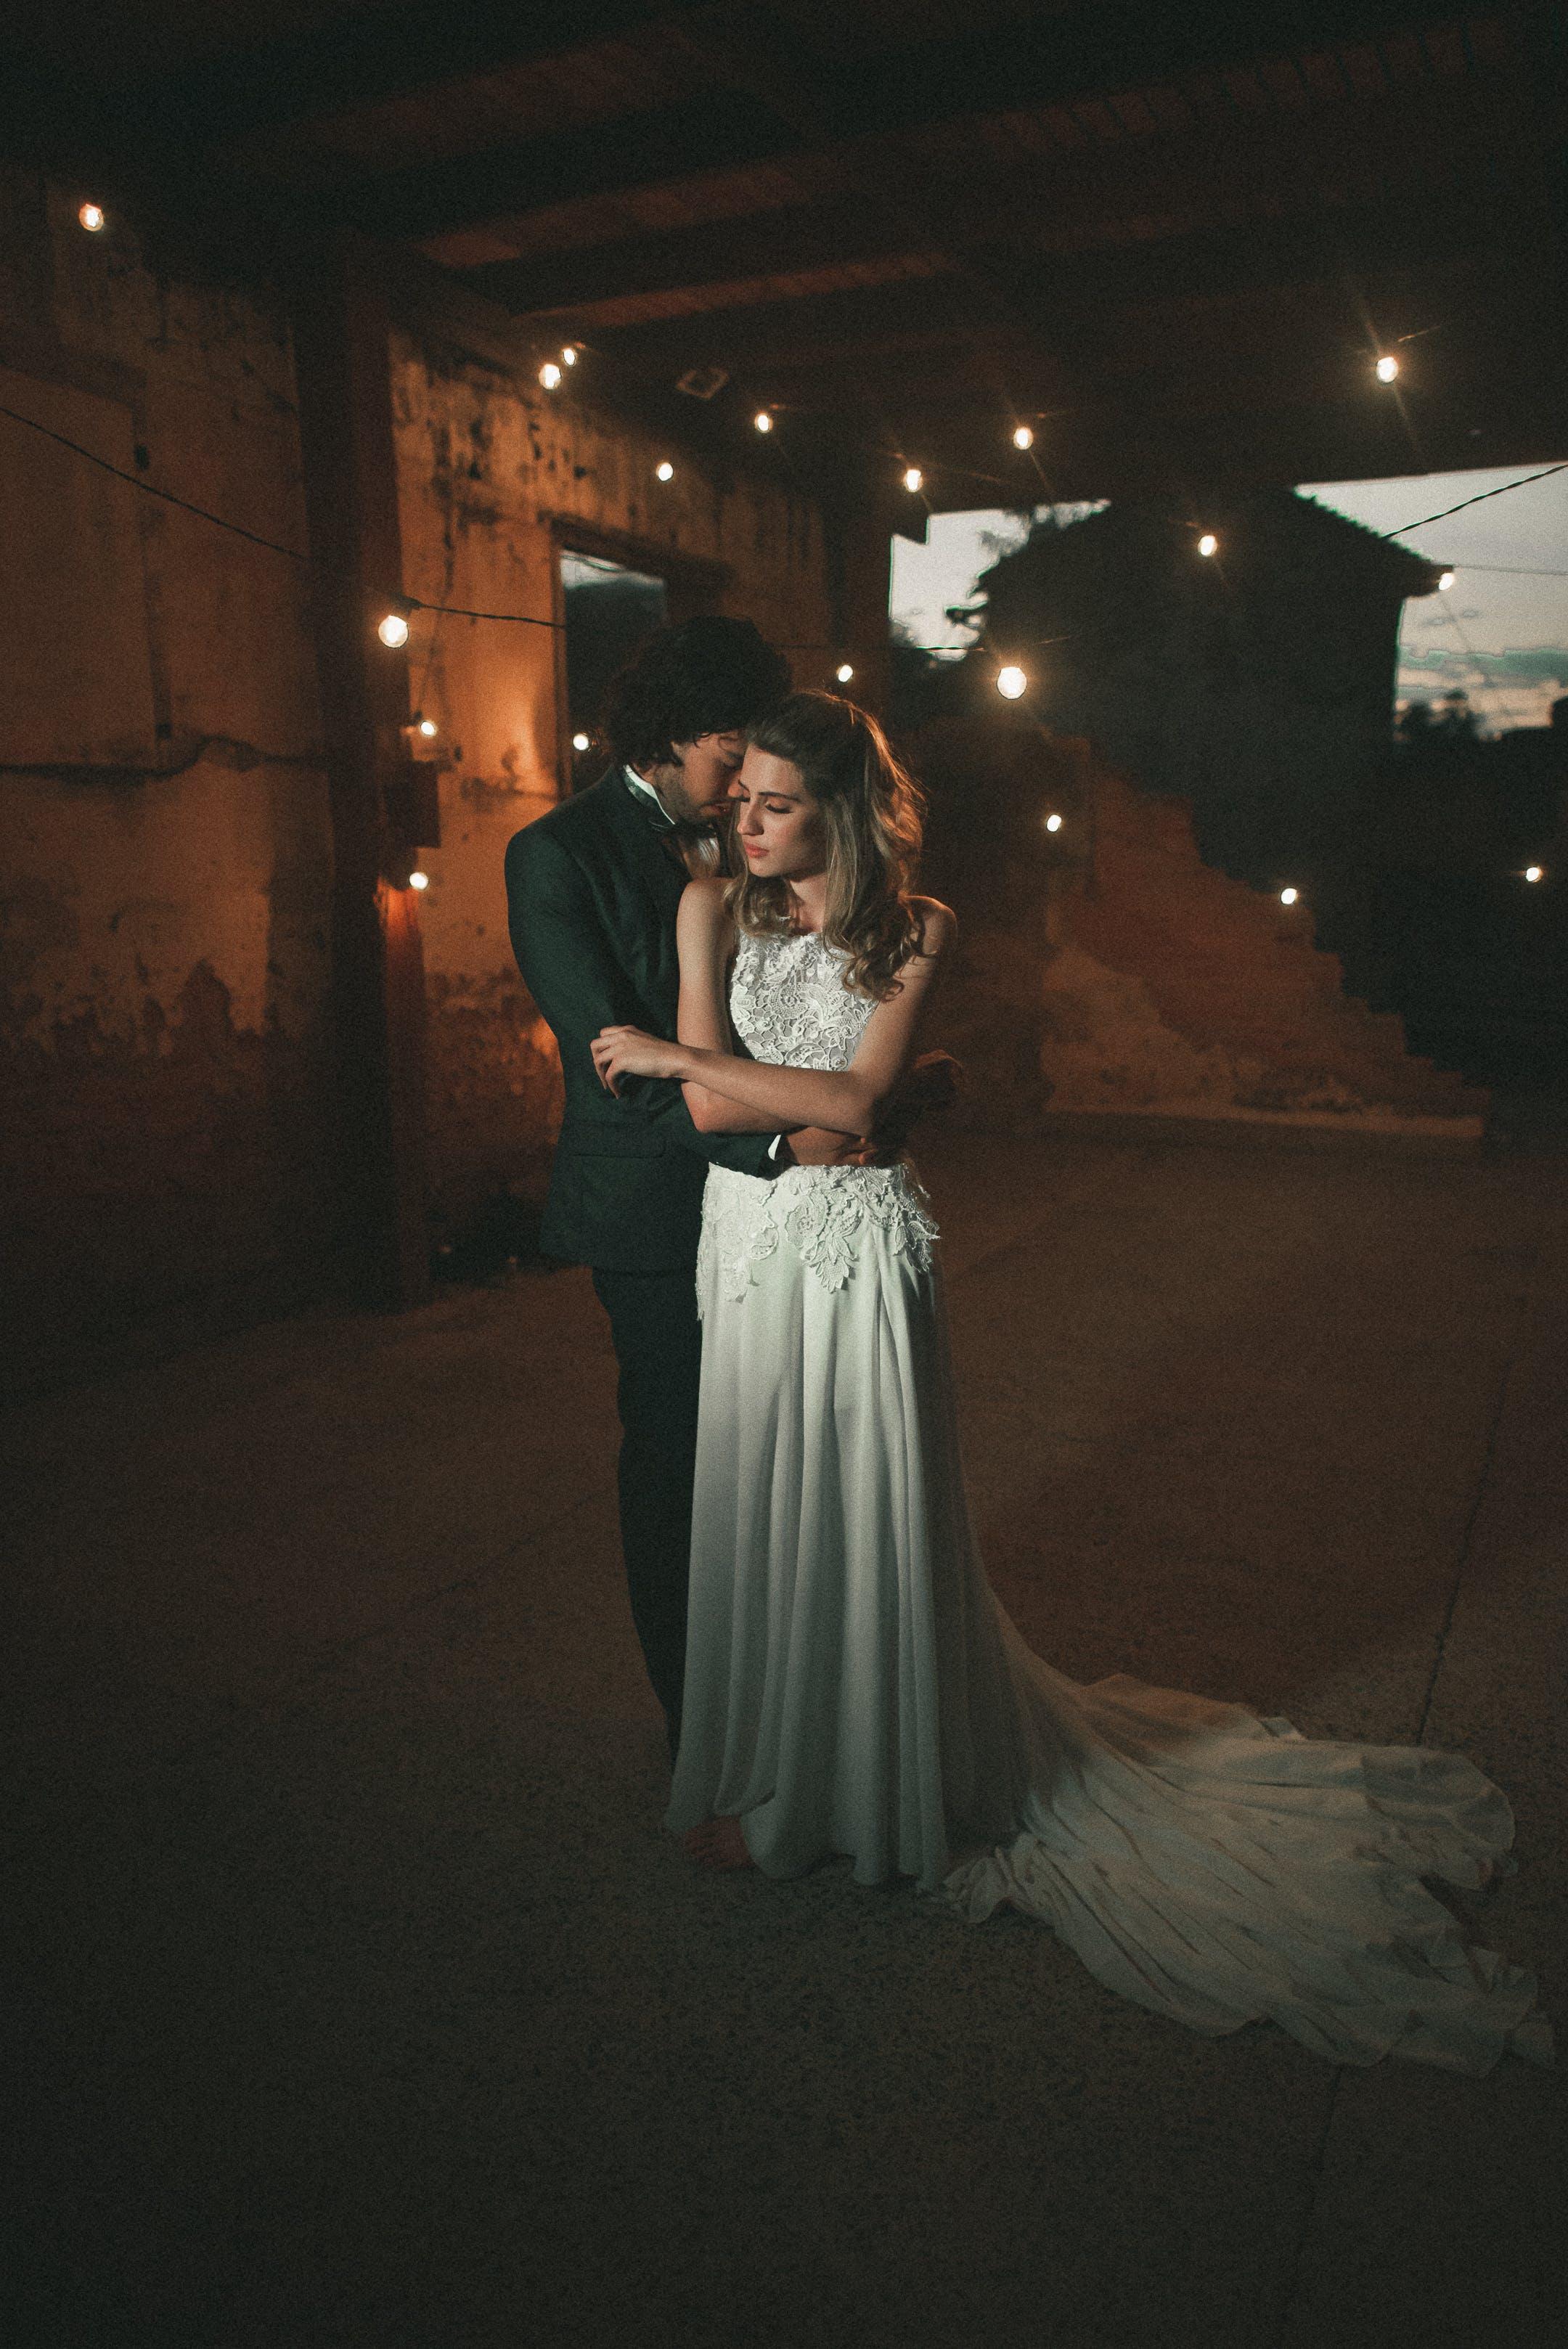 Kostenloses Stock Foto zu aufführung, braut, bräutigam, brautkleid